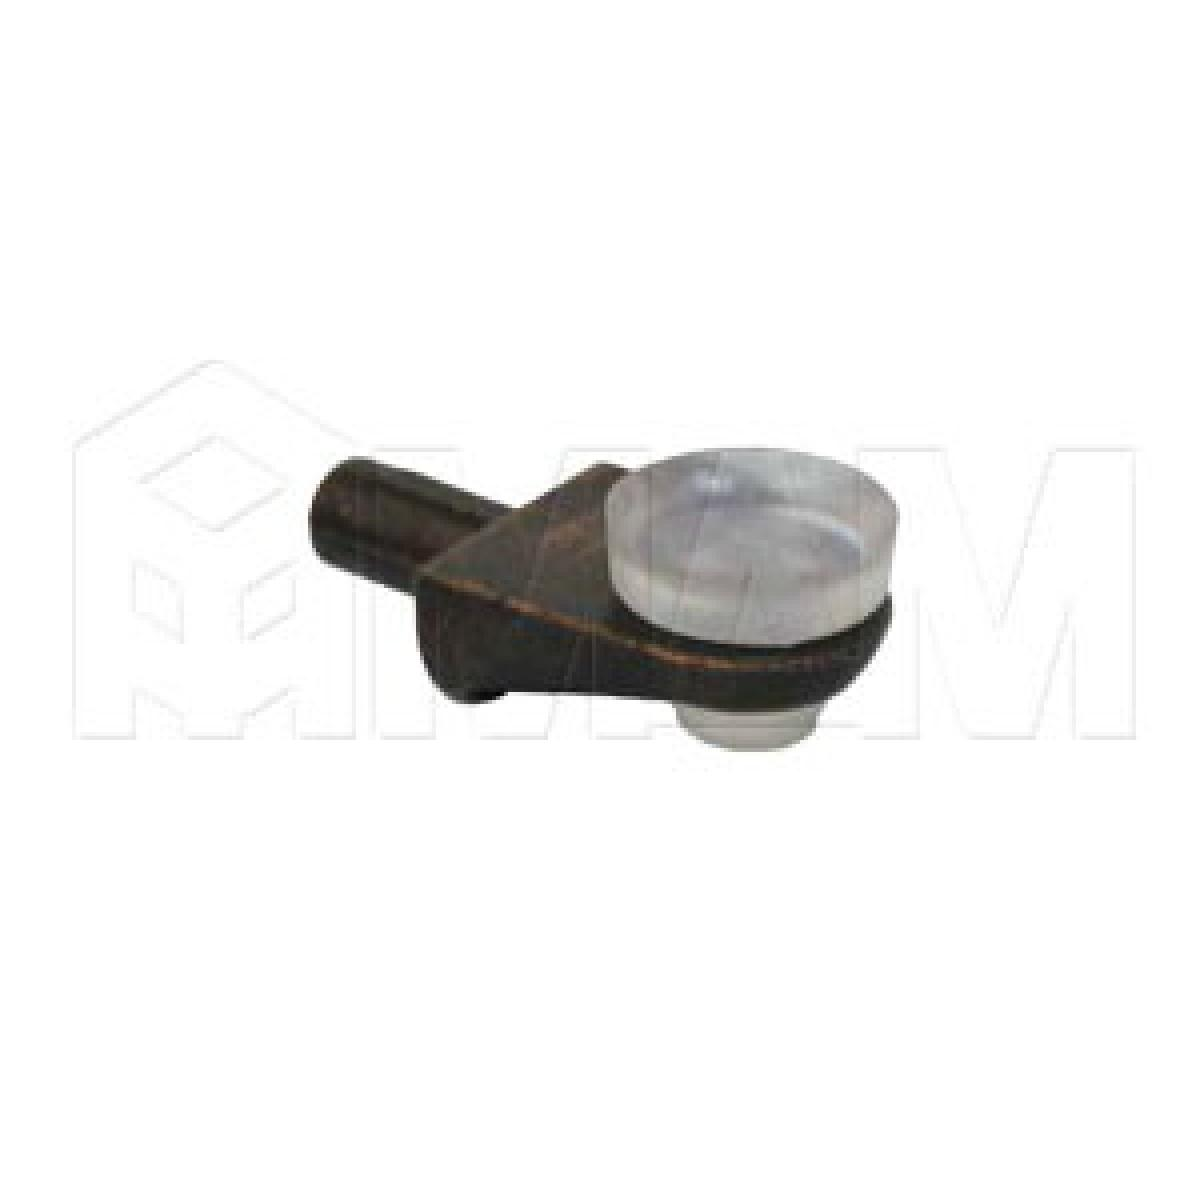 Полкодержатель с присоской для стеклянных полок, бронза/прозрачный